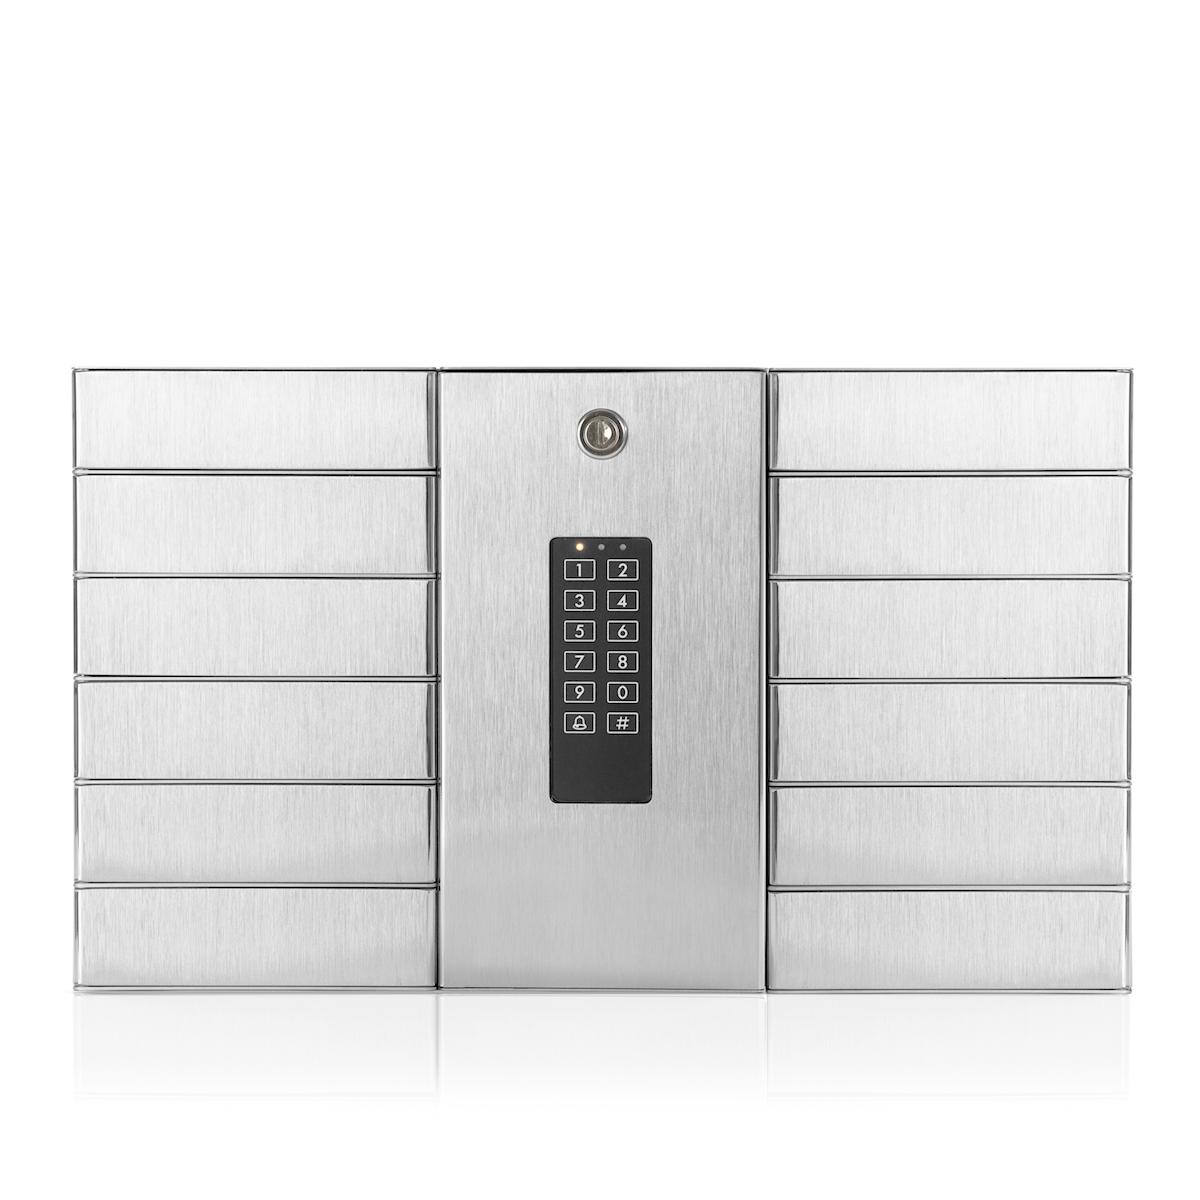 RVS 316 sleuteluitgifte systeem met 12 vakken